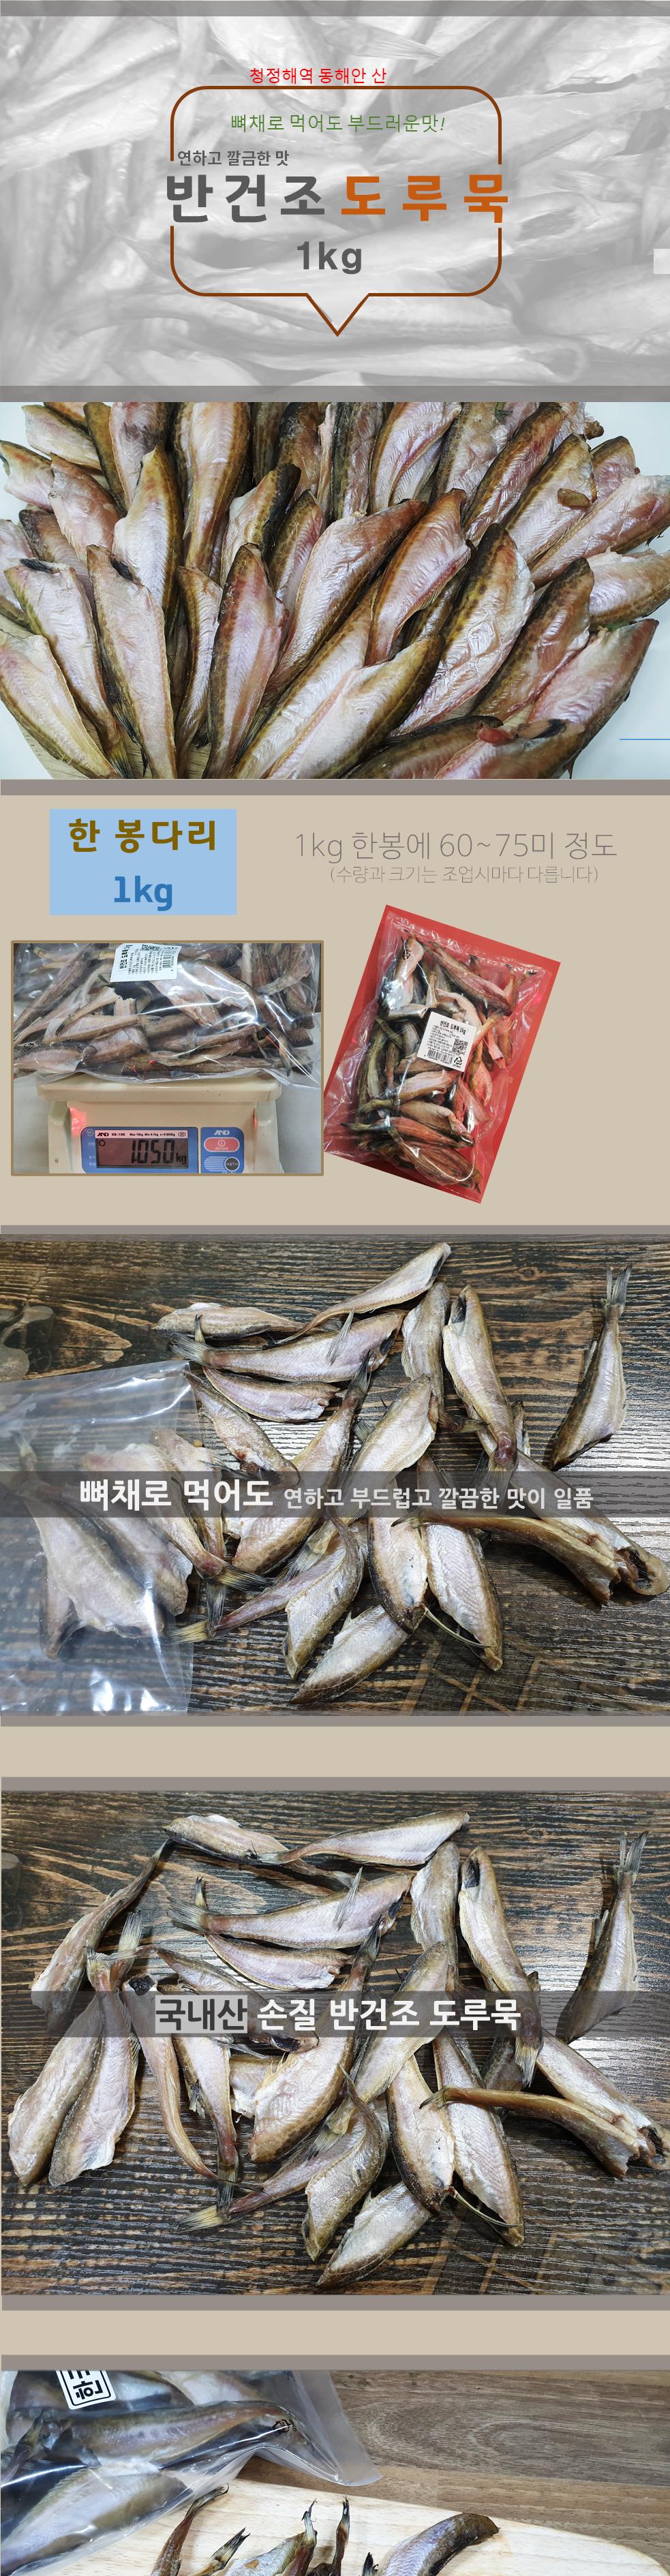 도루묵1kg-01.png